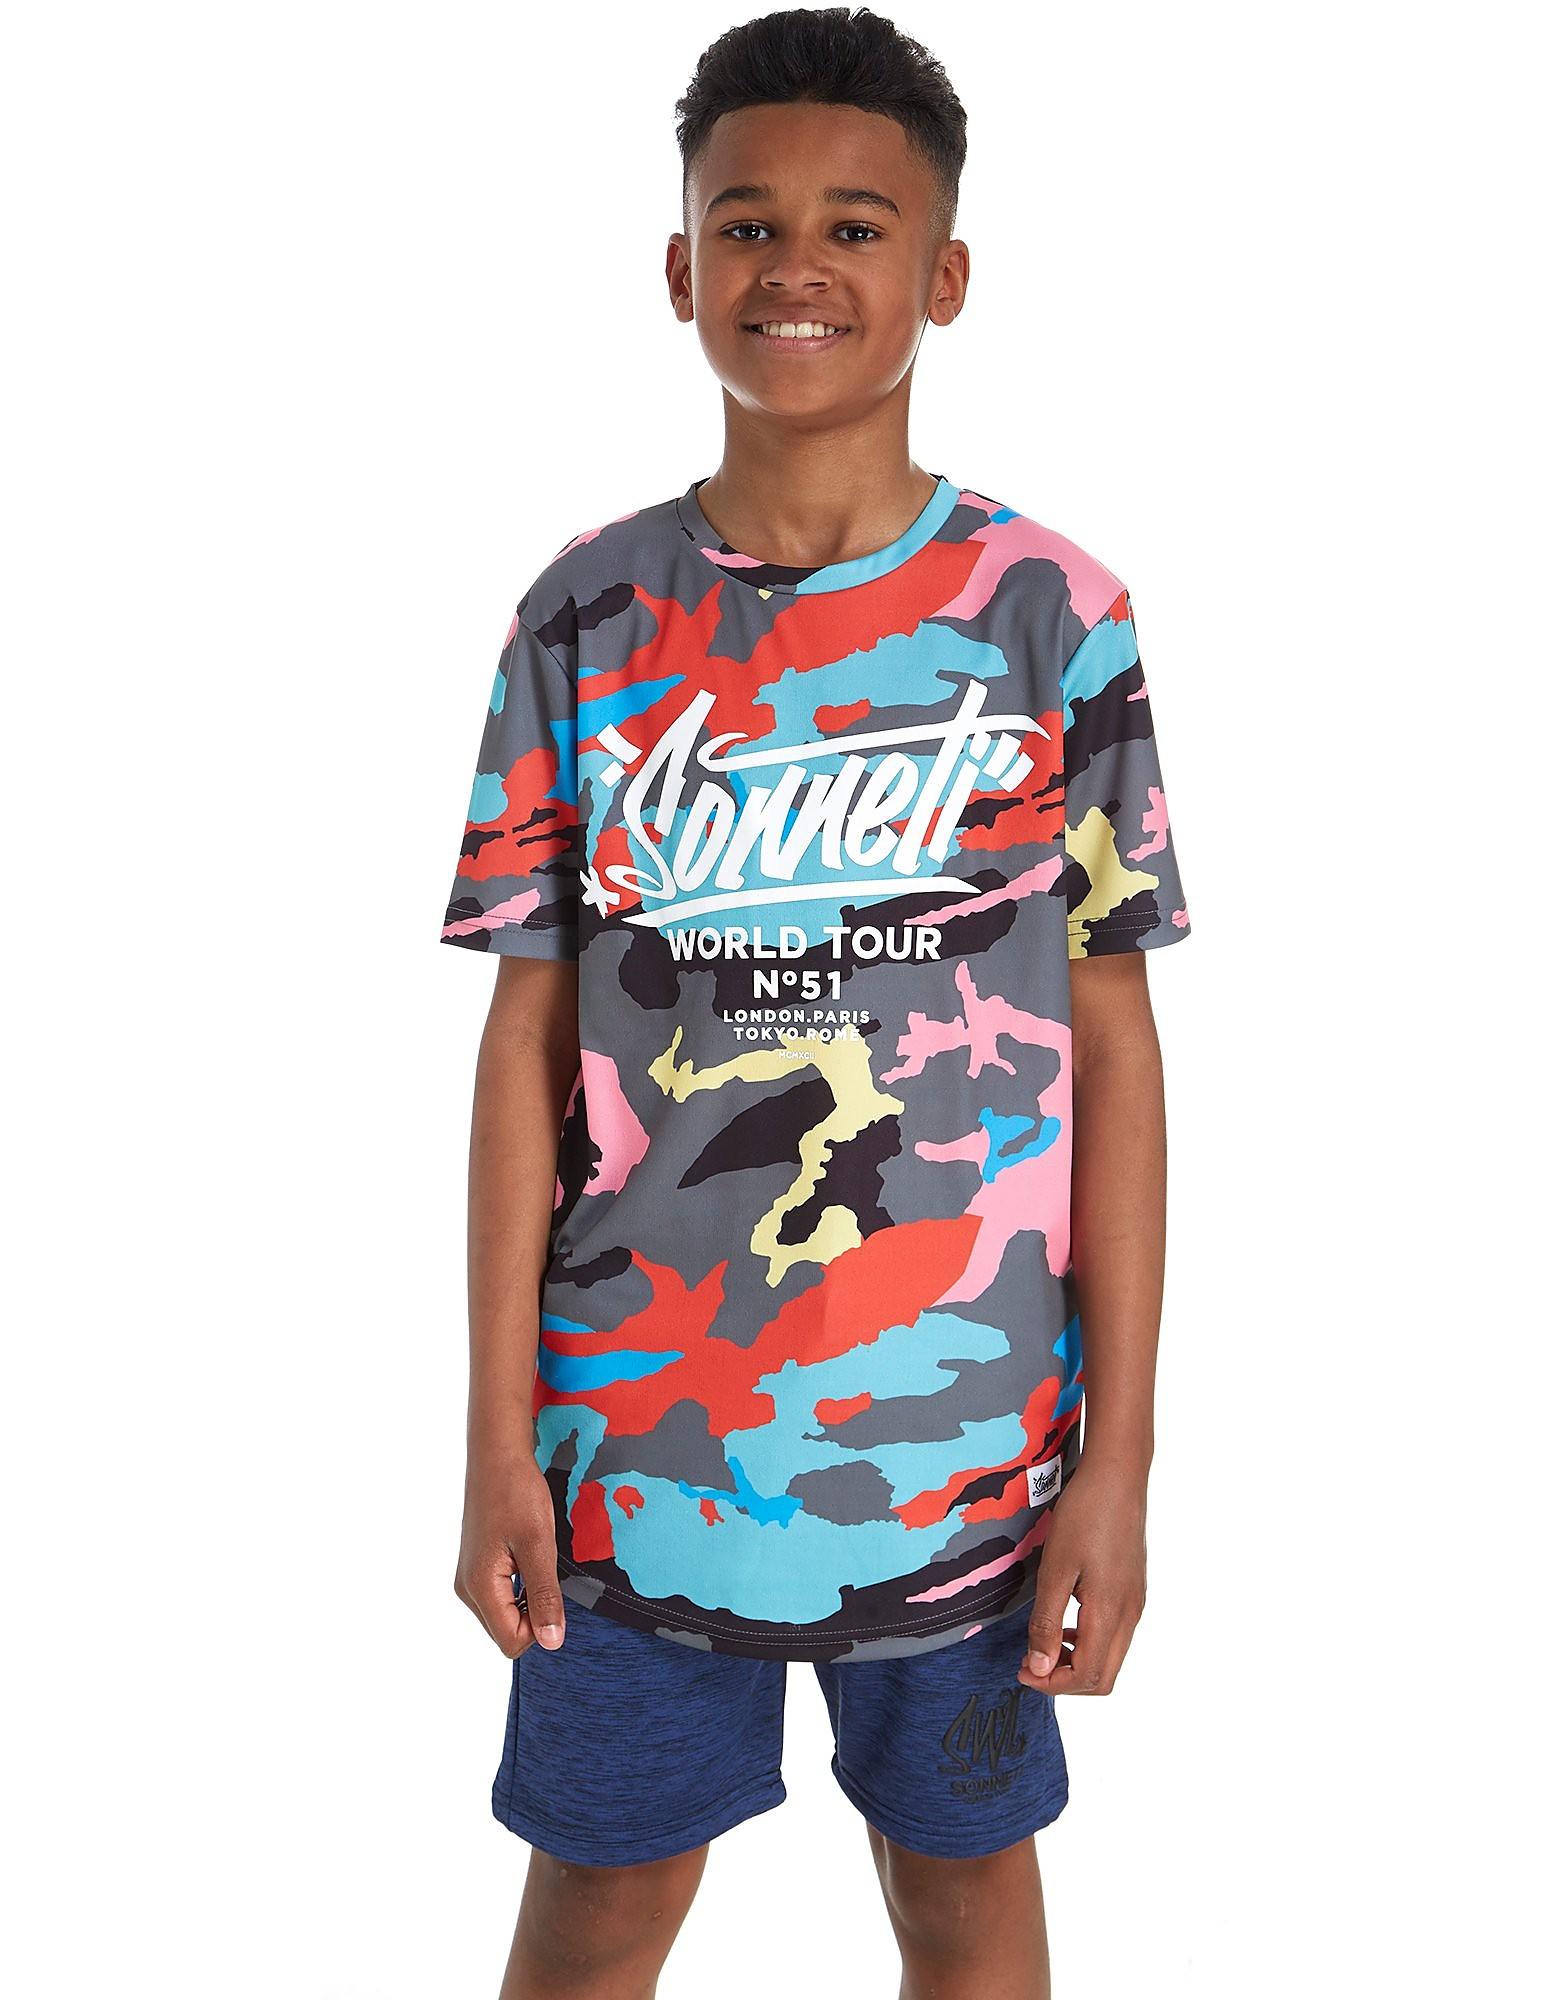 Sonneti Colourflage T-Shirt Junior